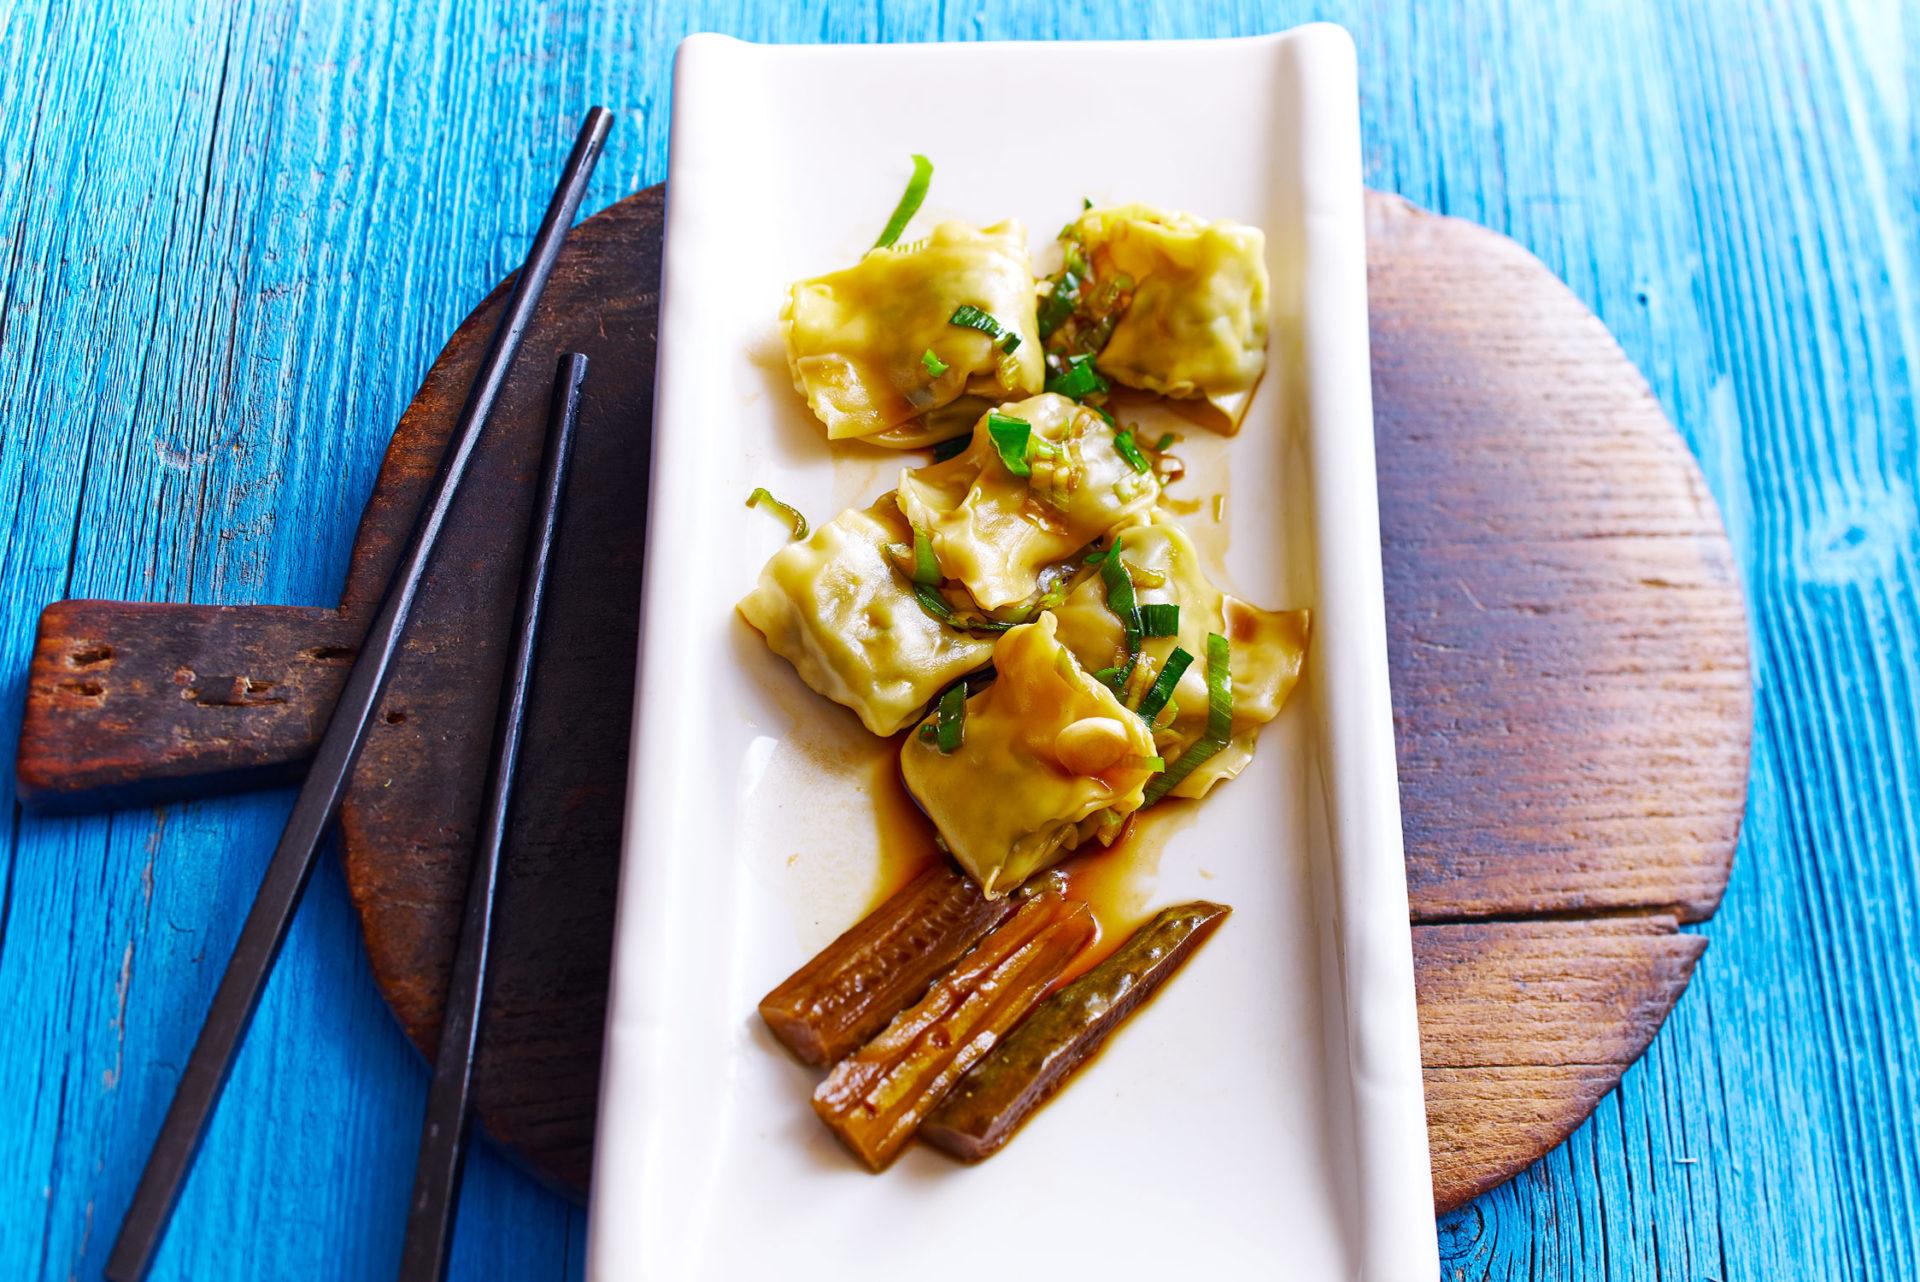 Kalte Wan-Tan gefüllt mit Spinat und Fleisch oder gefüllt mit Spinat (vegetarisch)